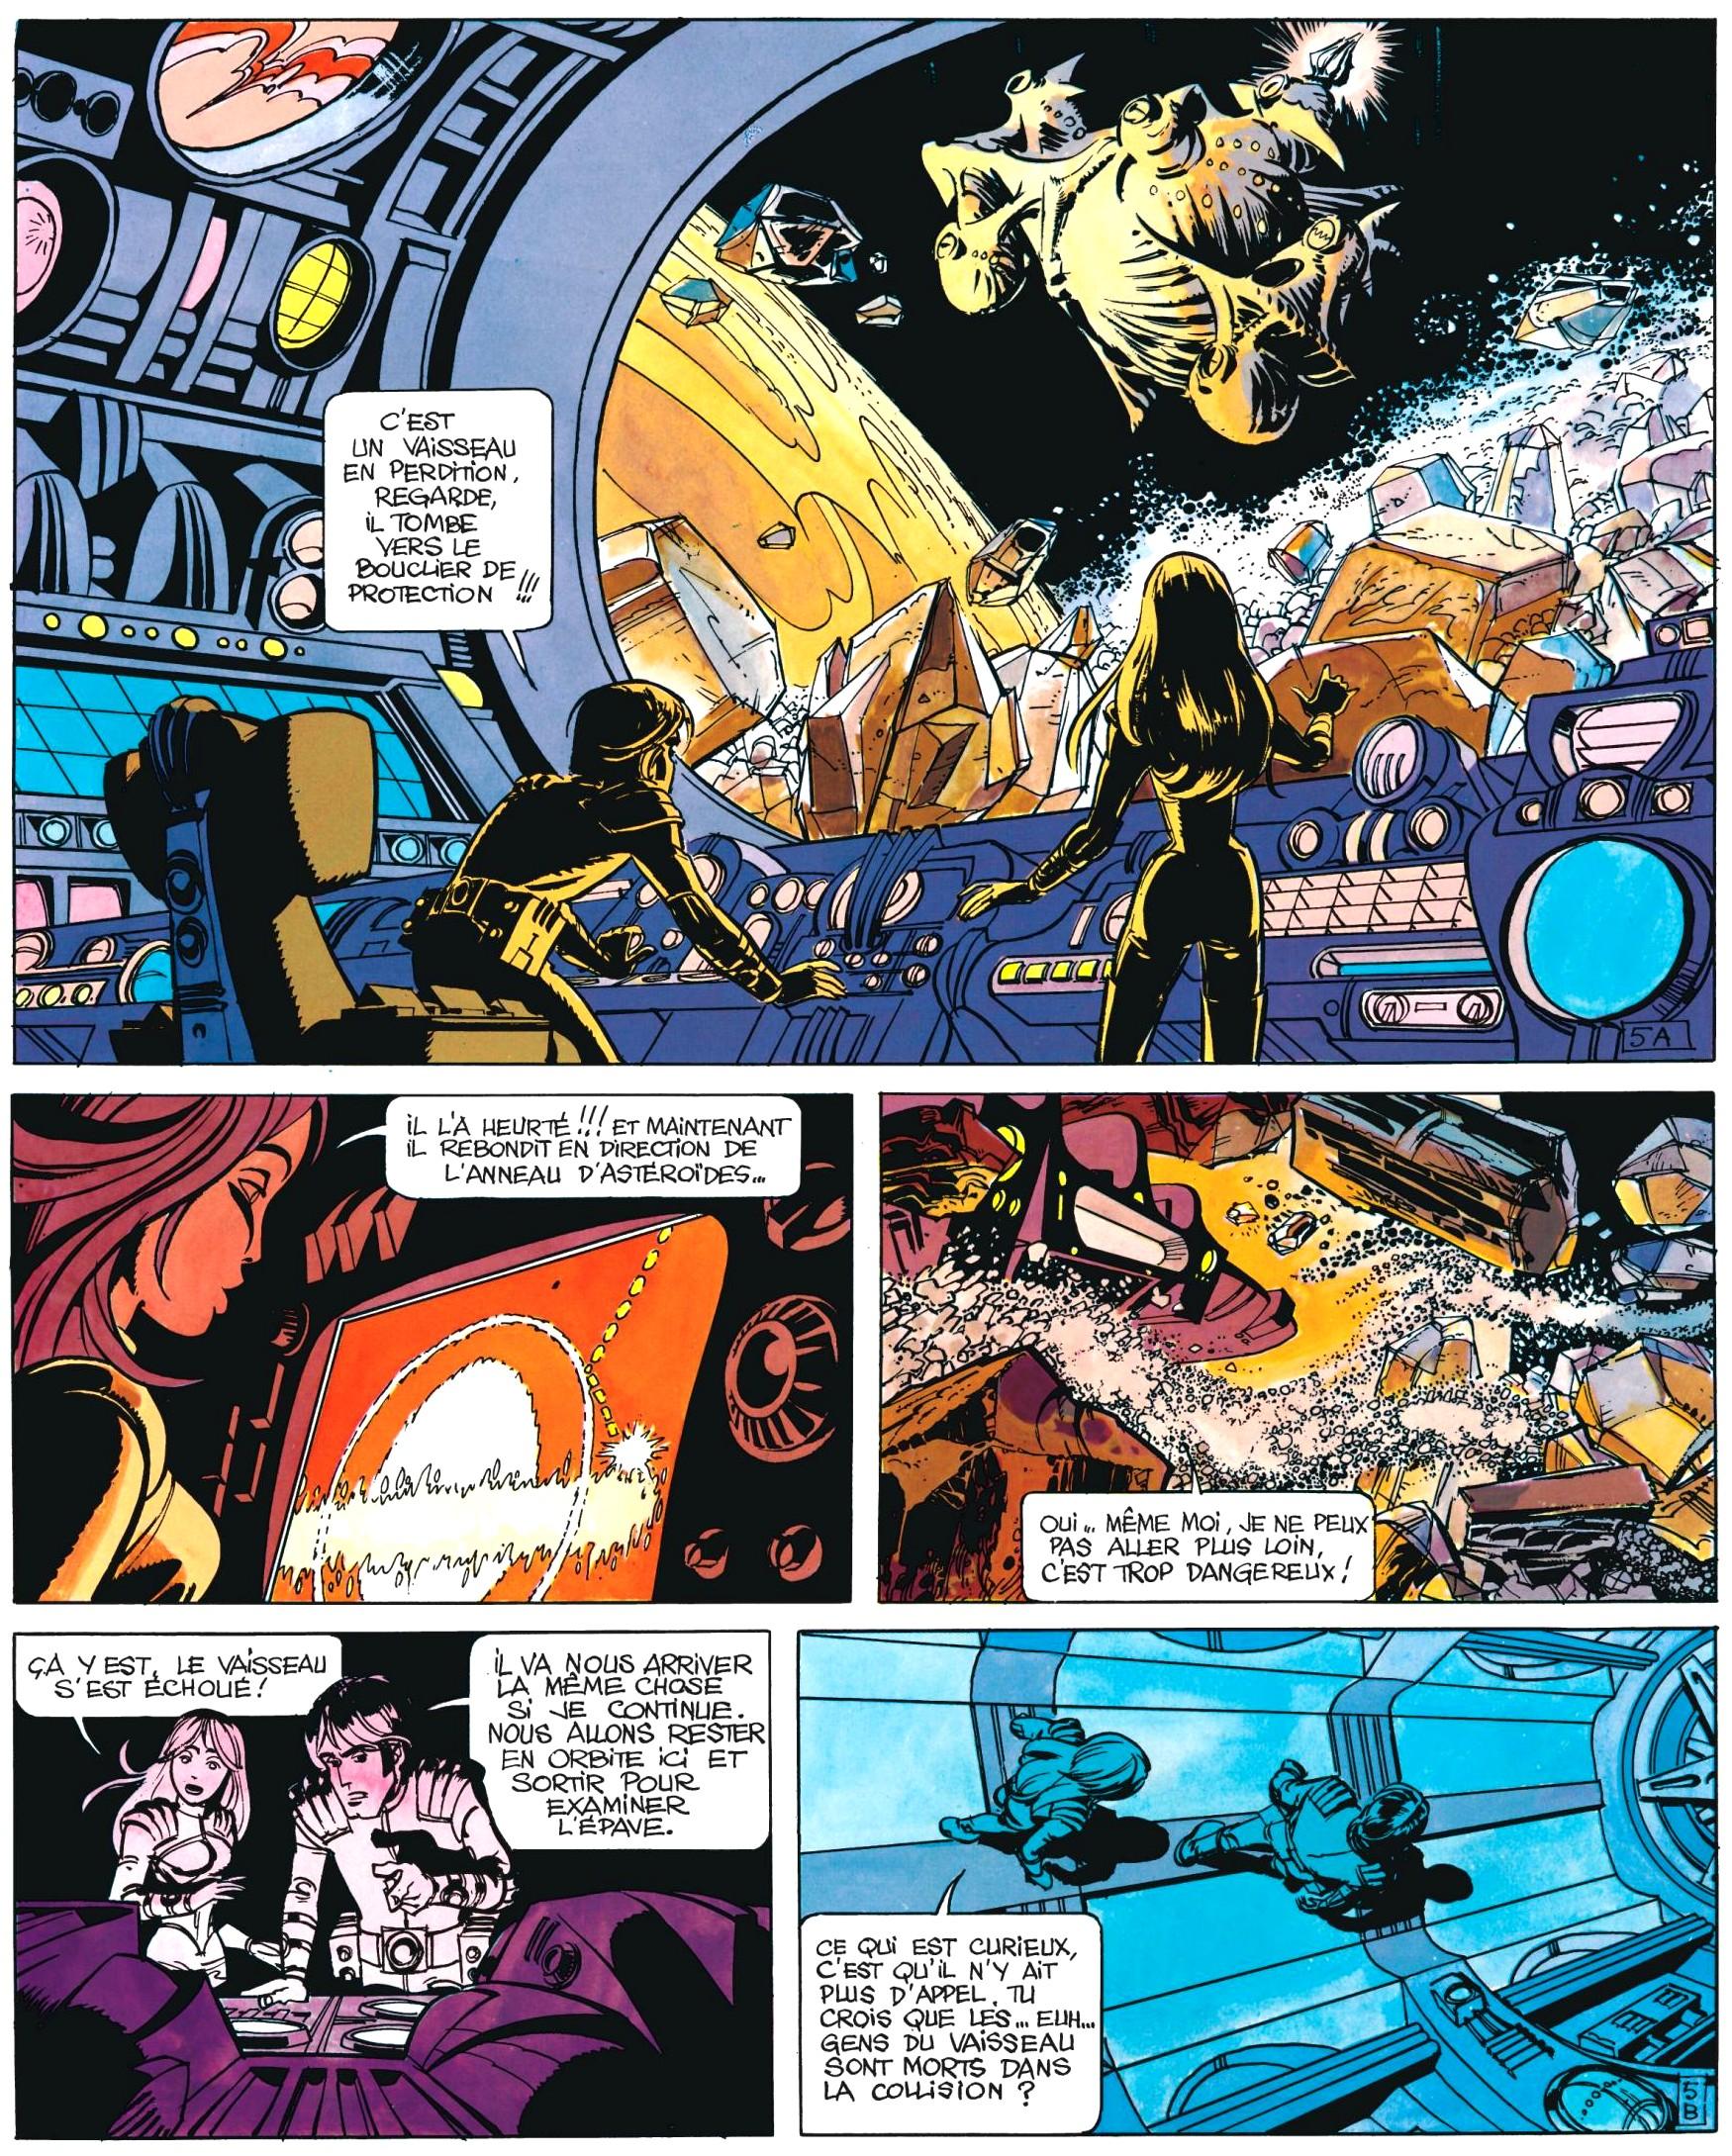 plano crítico valerian e laureline bem vindos a alflolol quadrinhos franceses